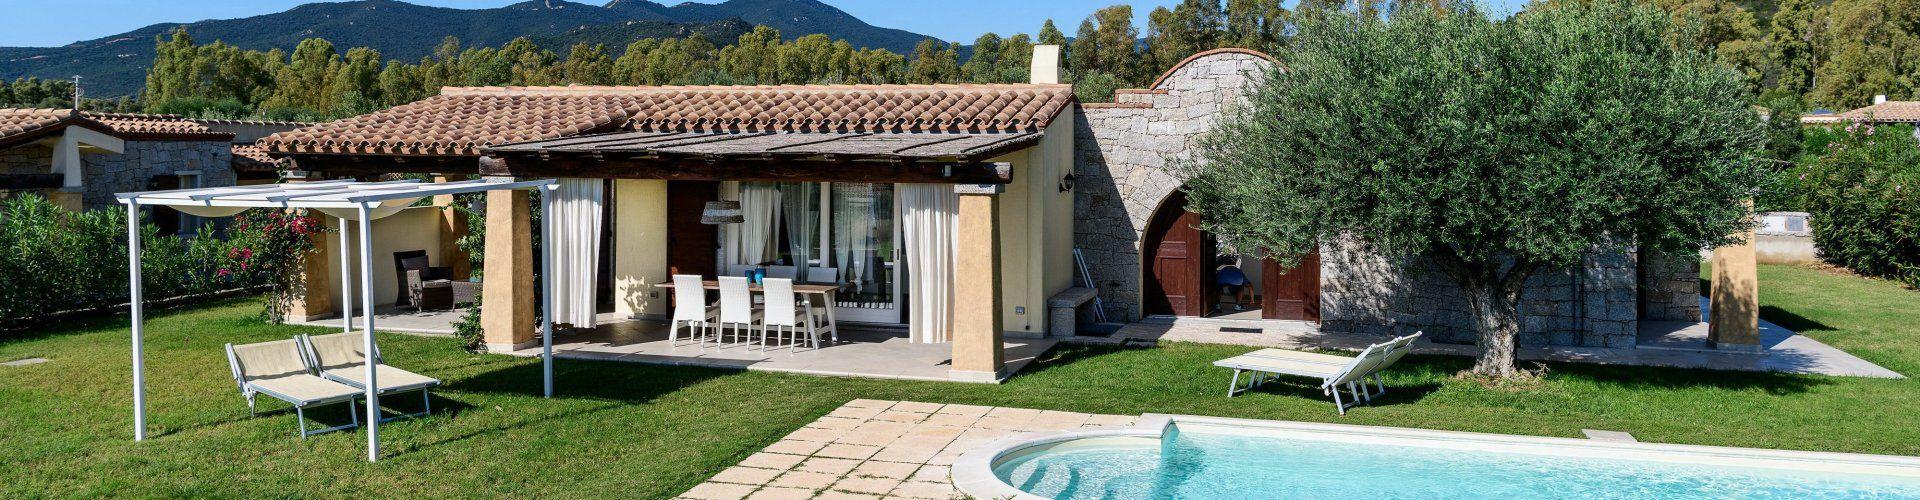 Hausansicht mit Terrasse und Privatpool